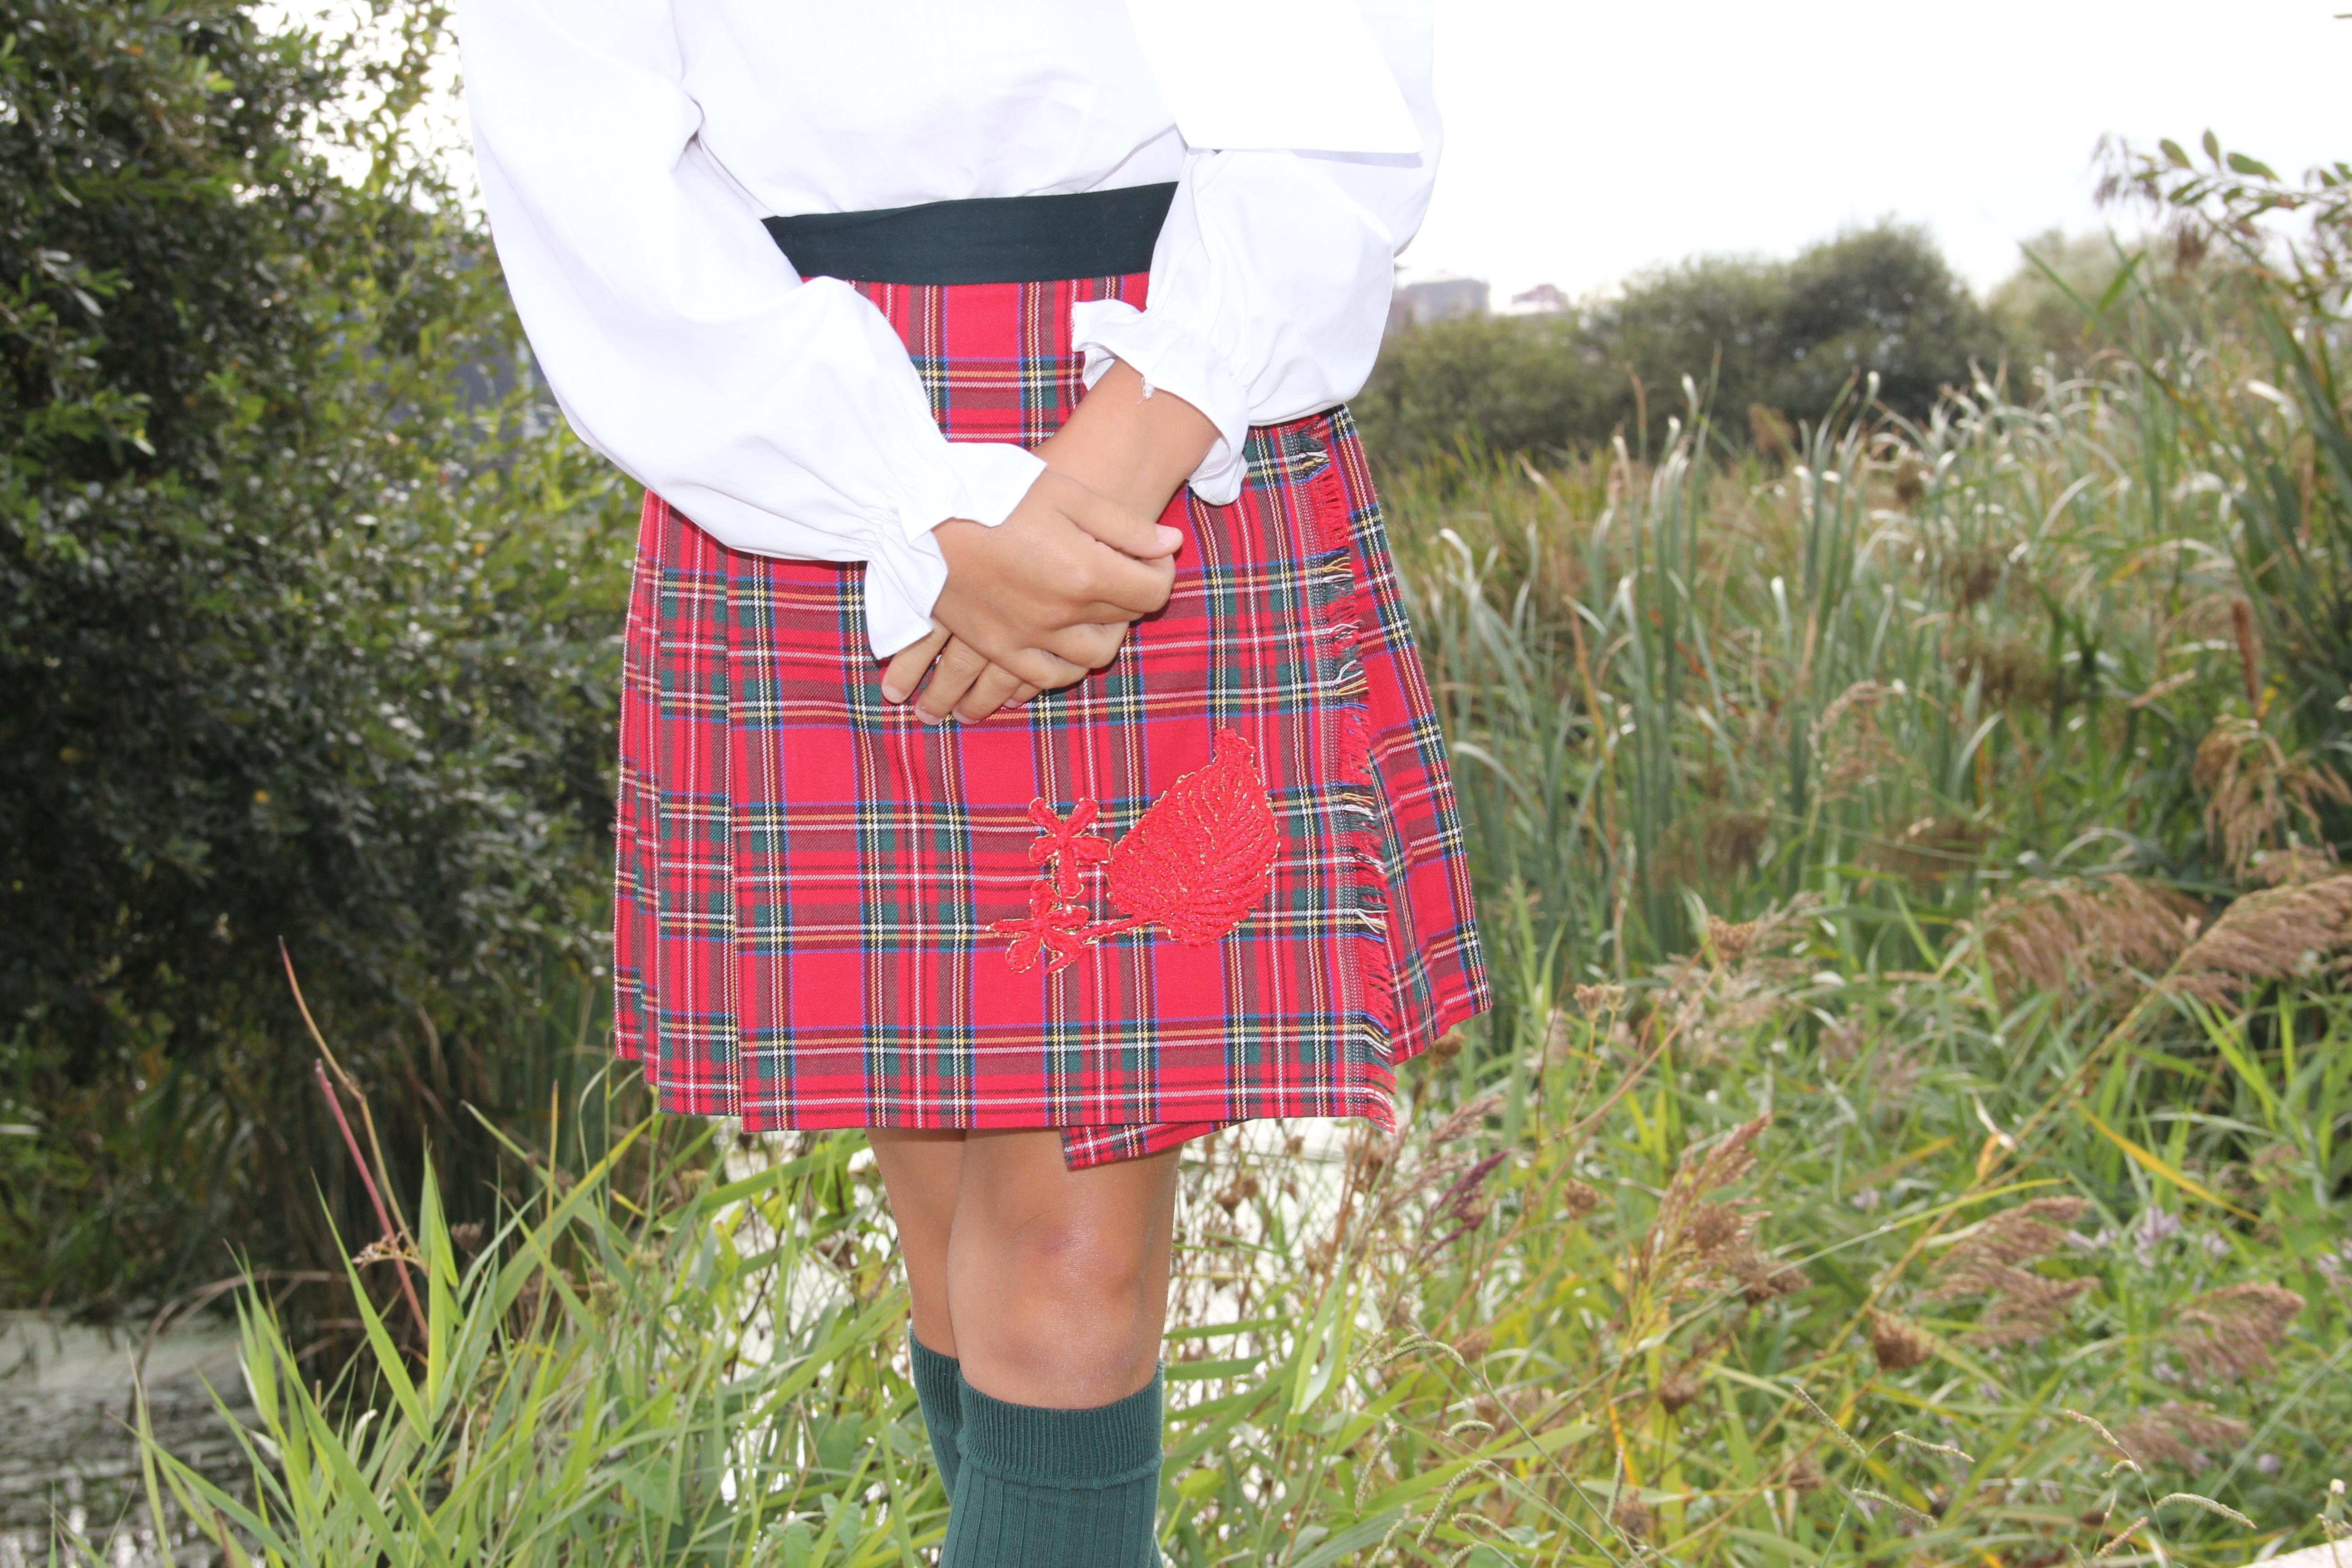 falda-escocesa-roja-para-niña-tienda-online-de-cuadros-falda-escocesa-para-niña-ropa-niña-original